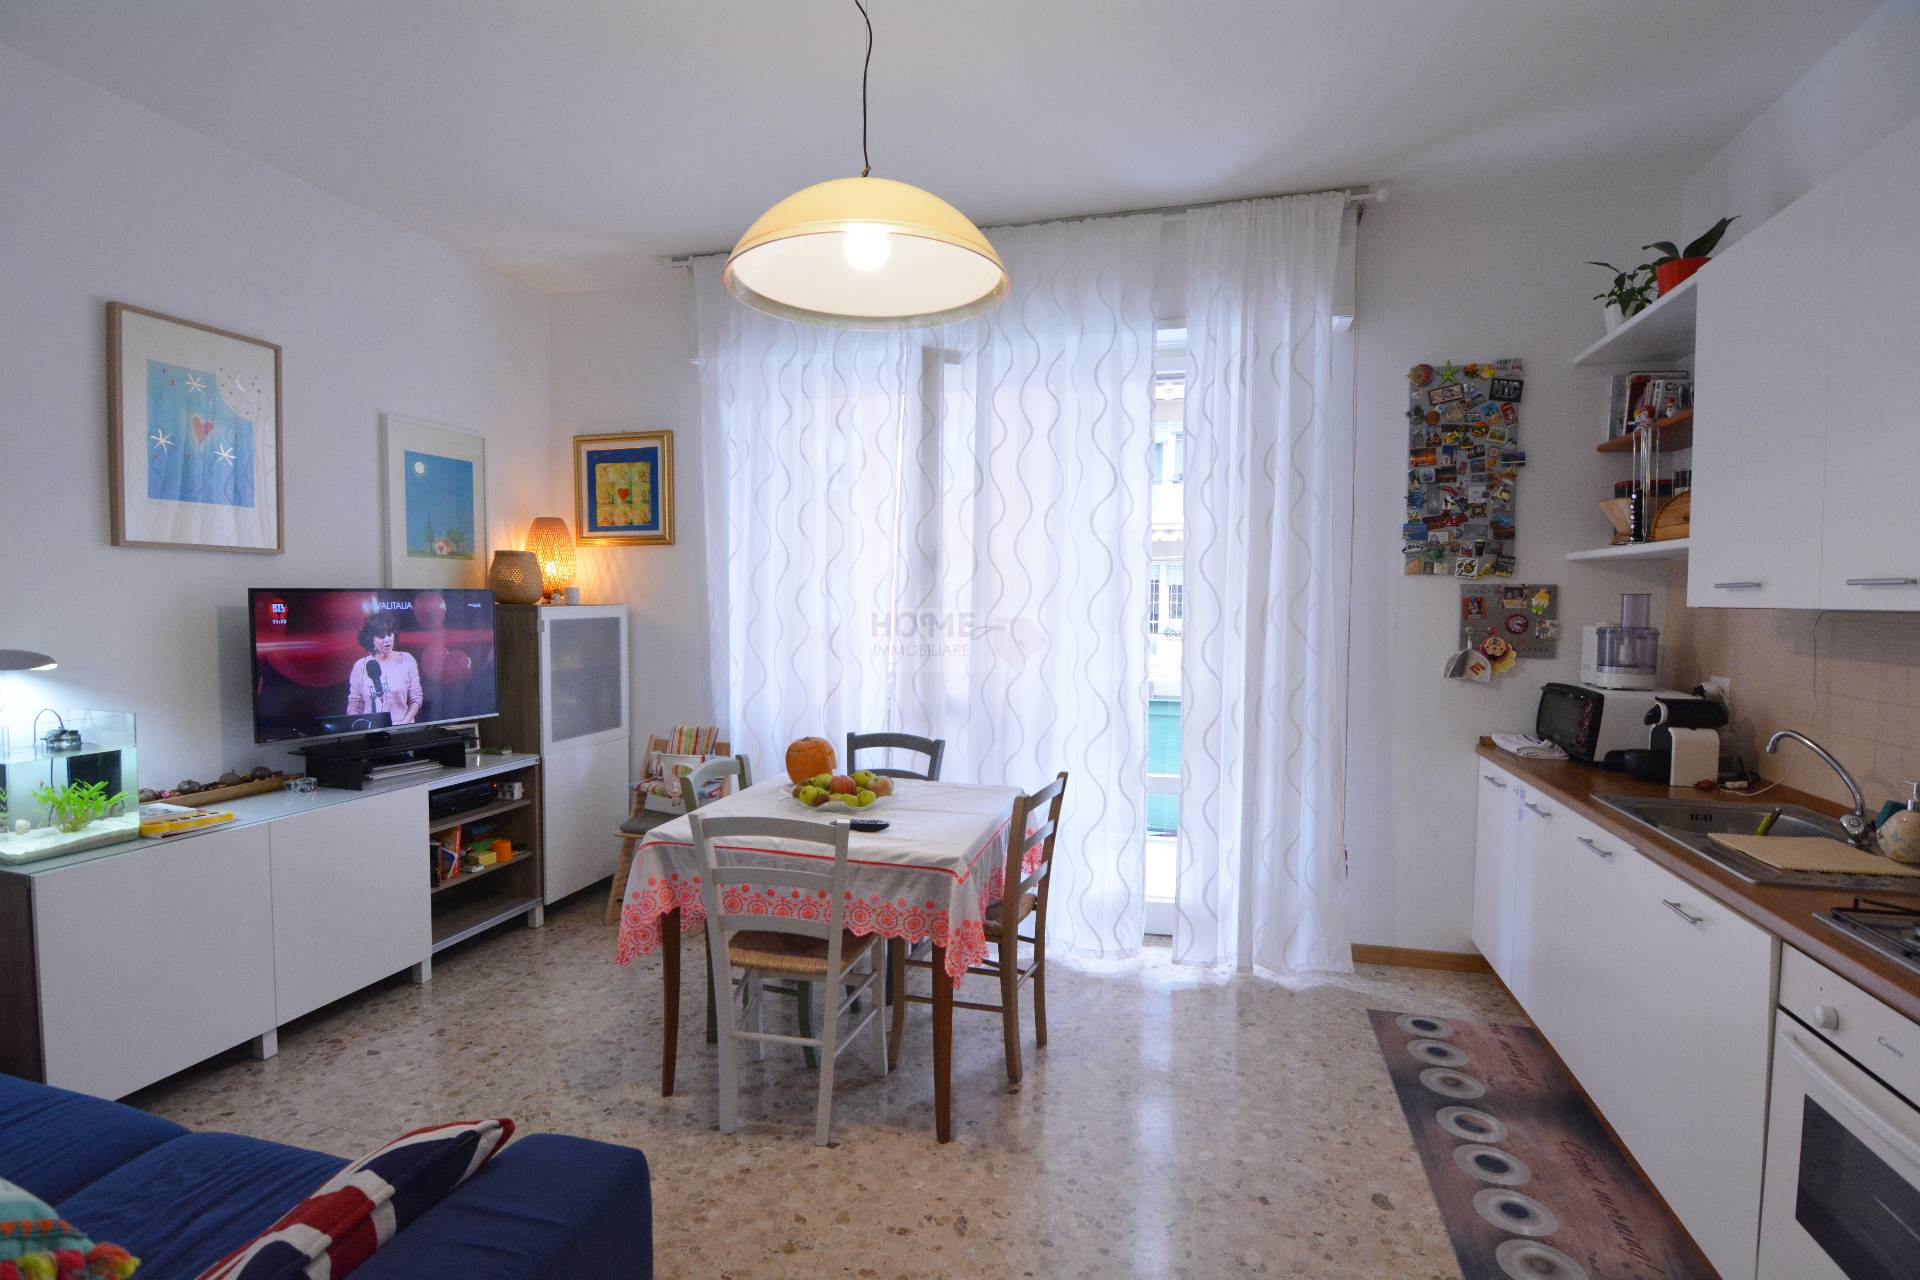 Appartamento in vendita a Macerata, 5 locali, zona Zona: Semicentrale, prezzo € 95.000 | CambioCasa.it